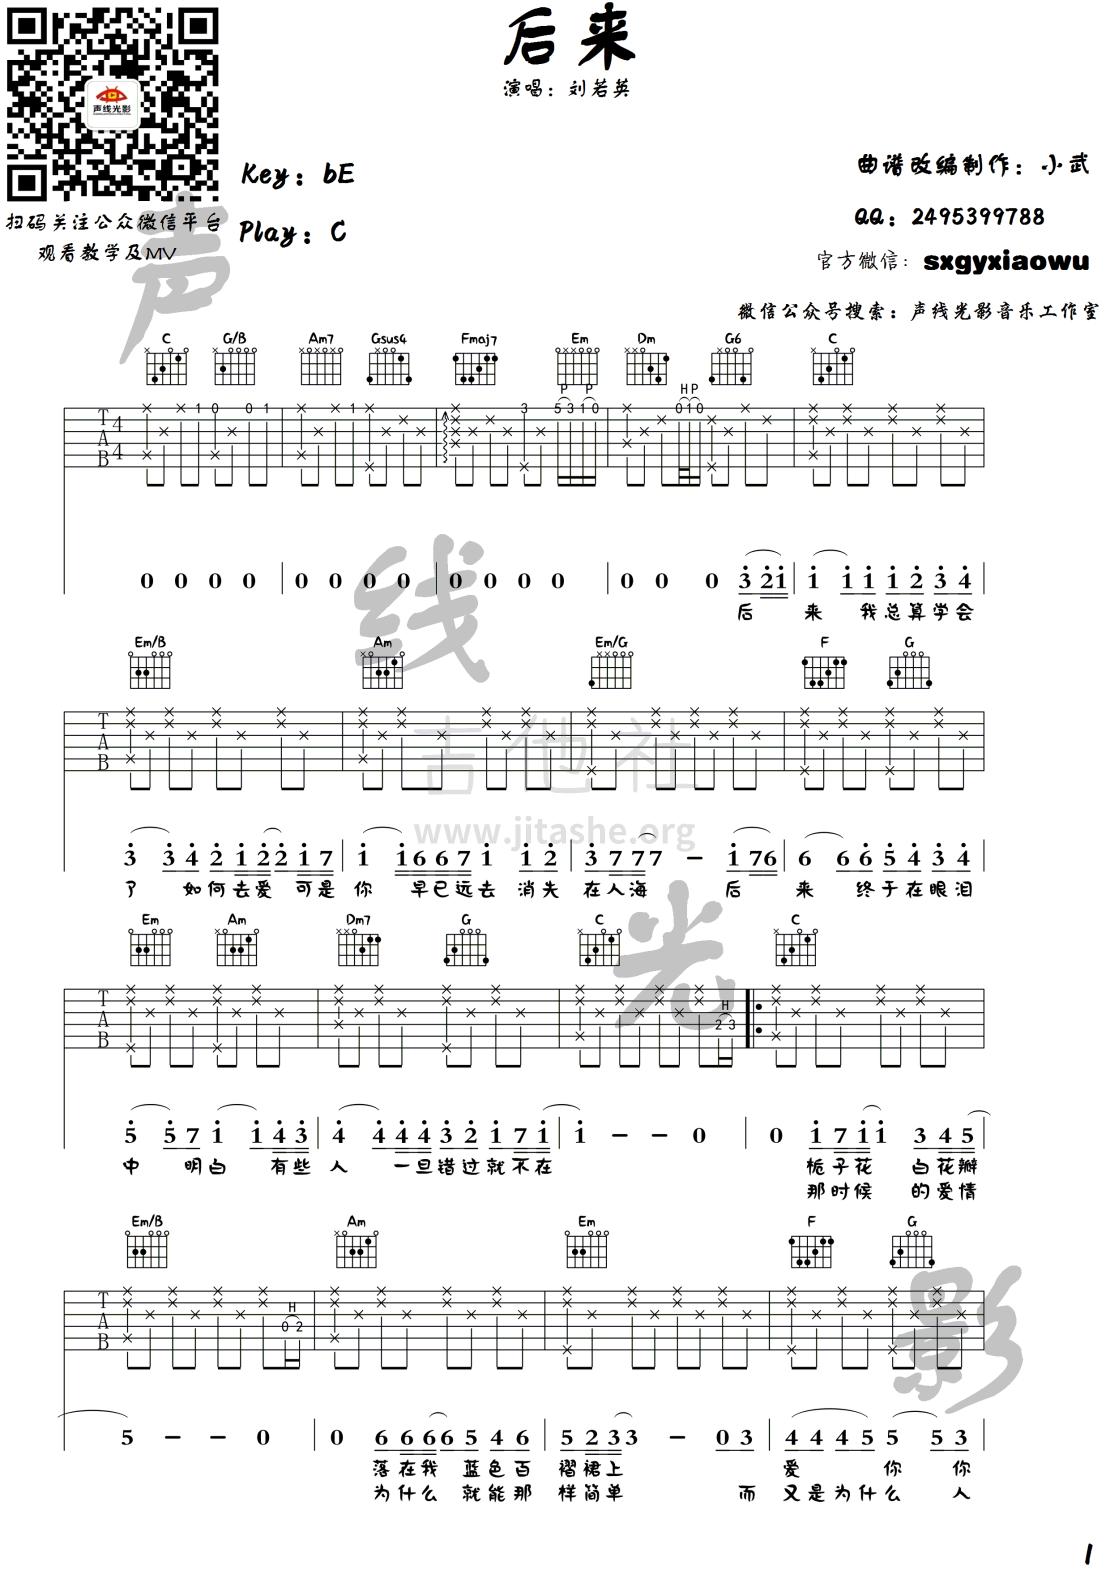 后来(声线光影木吉他教学第三十二期)吉他谱(图片谱,弹唱,简单版,教学)_刘若英(奶茶)_后来_1.png